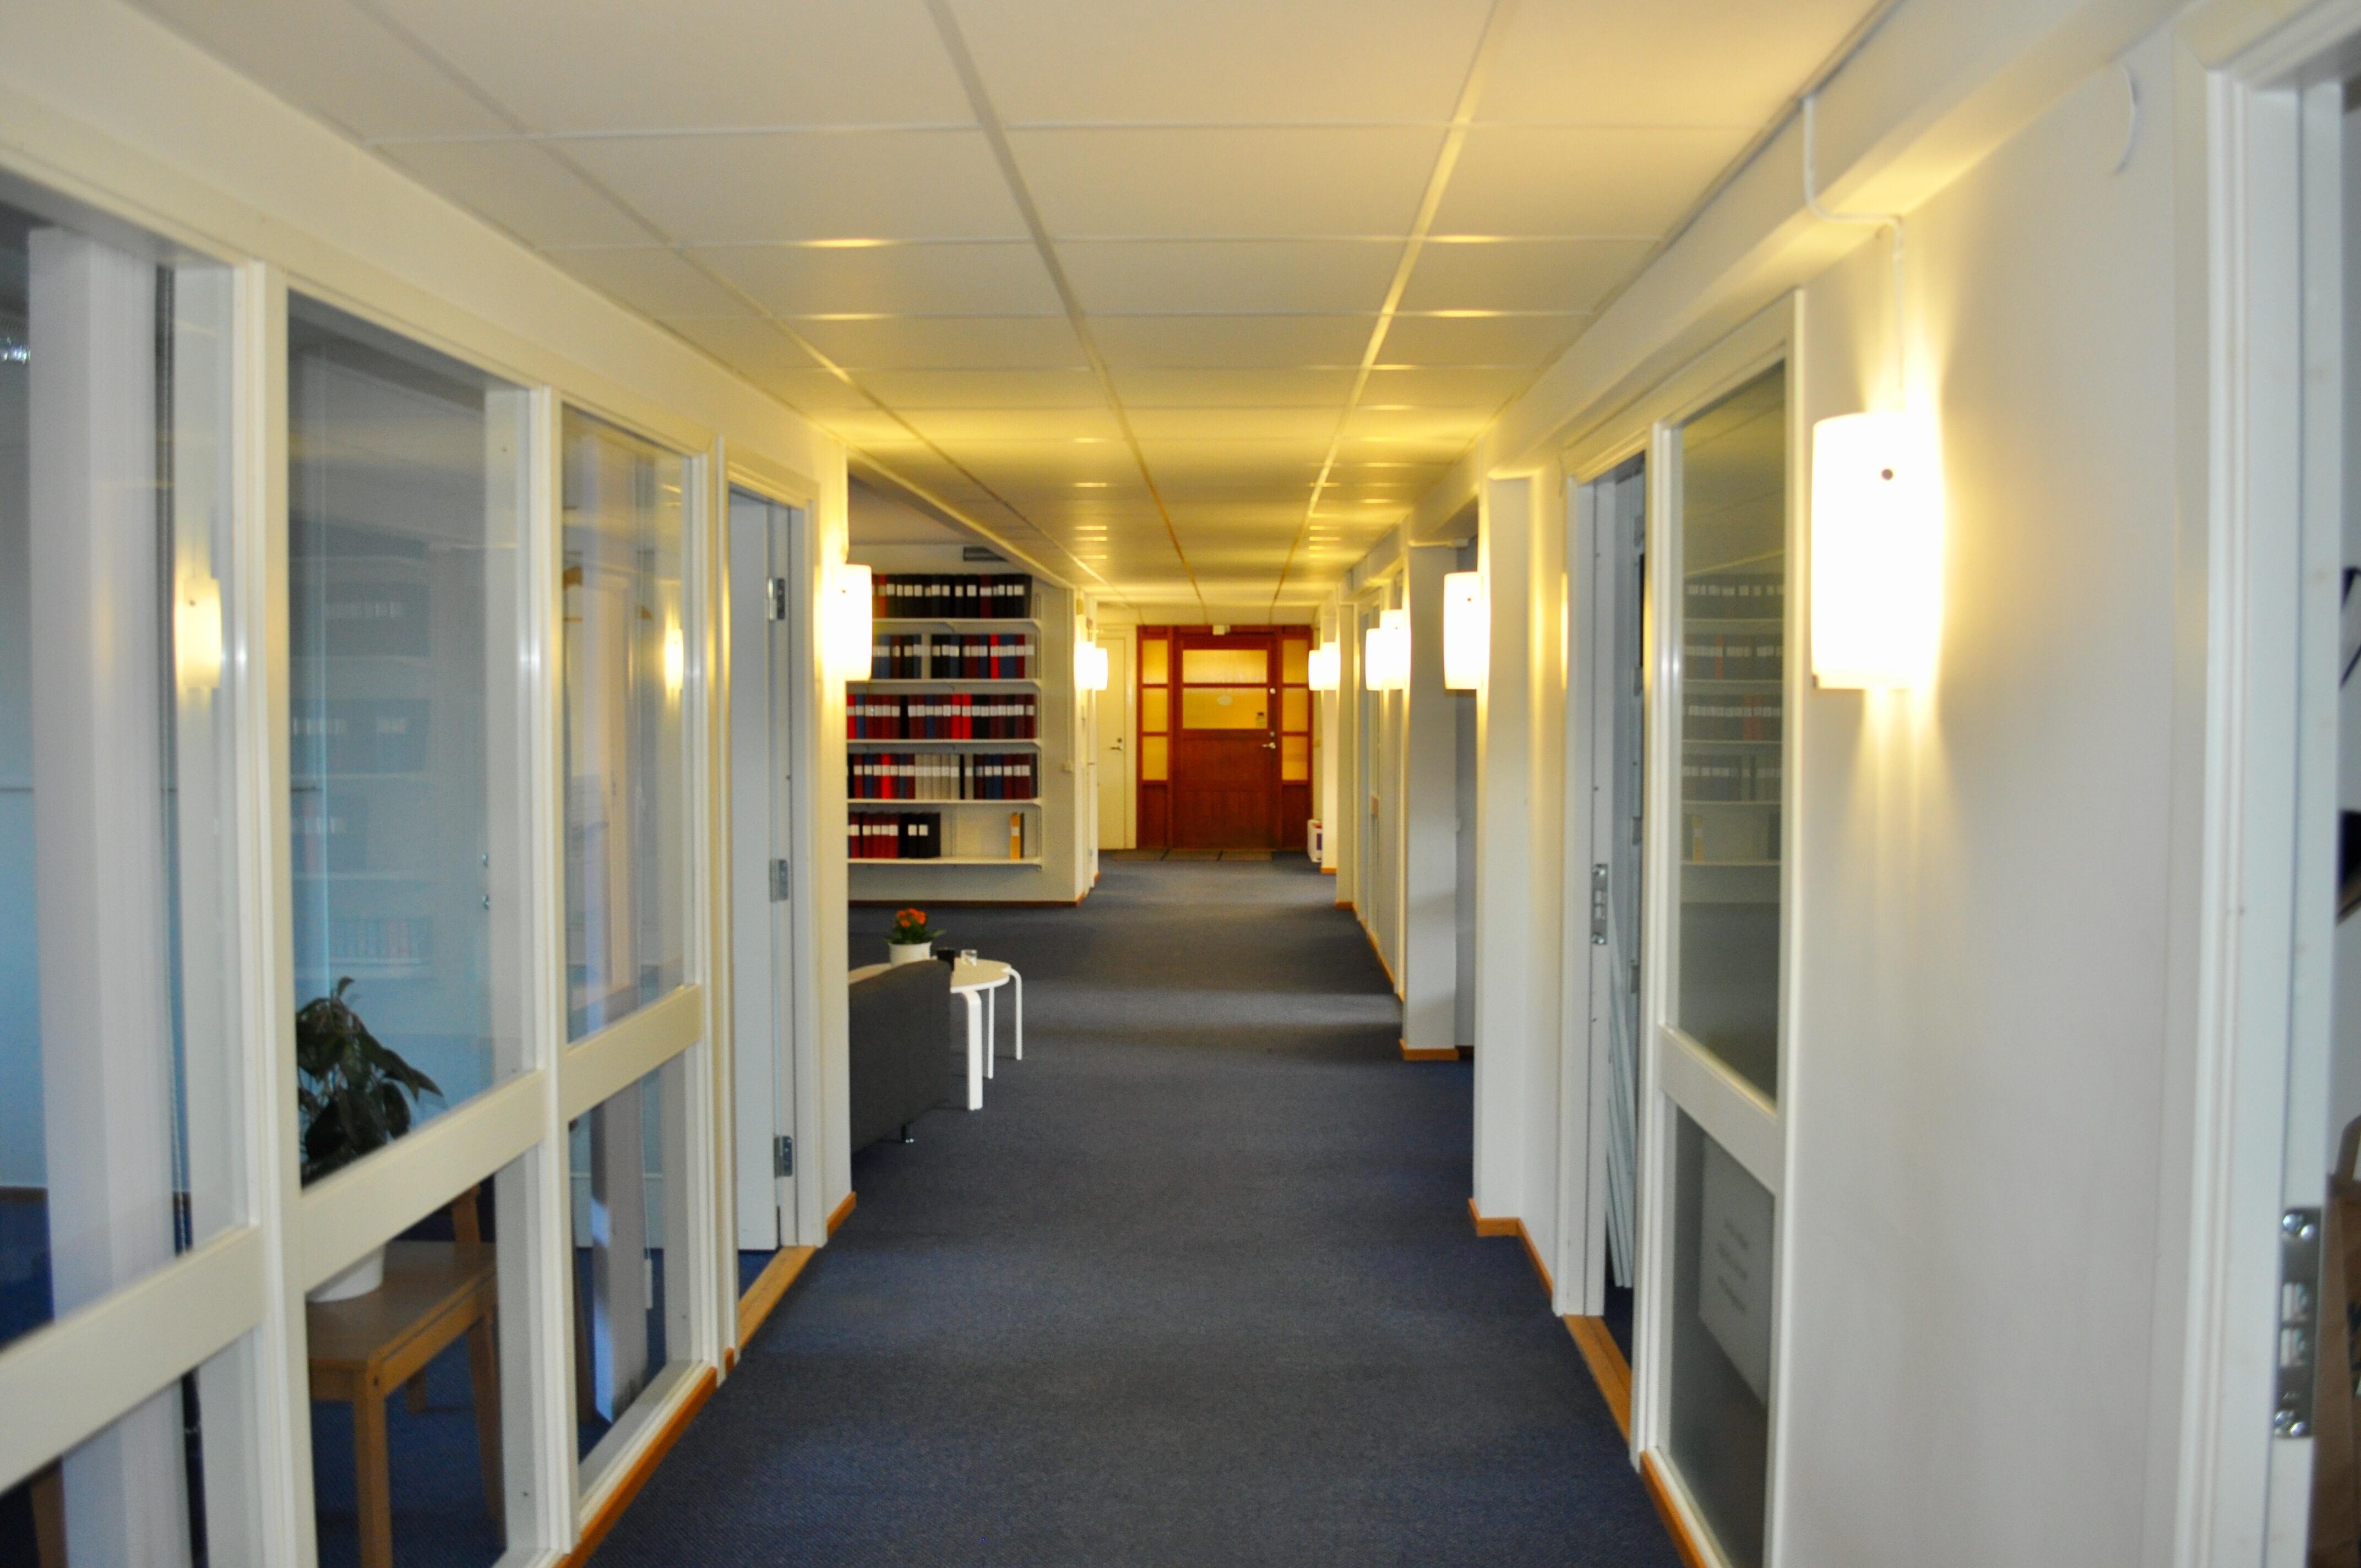 Valvia Ekhagsvägen 15-interiör/korridor